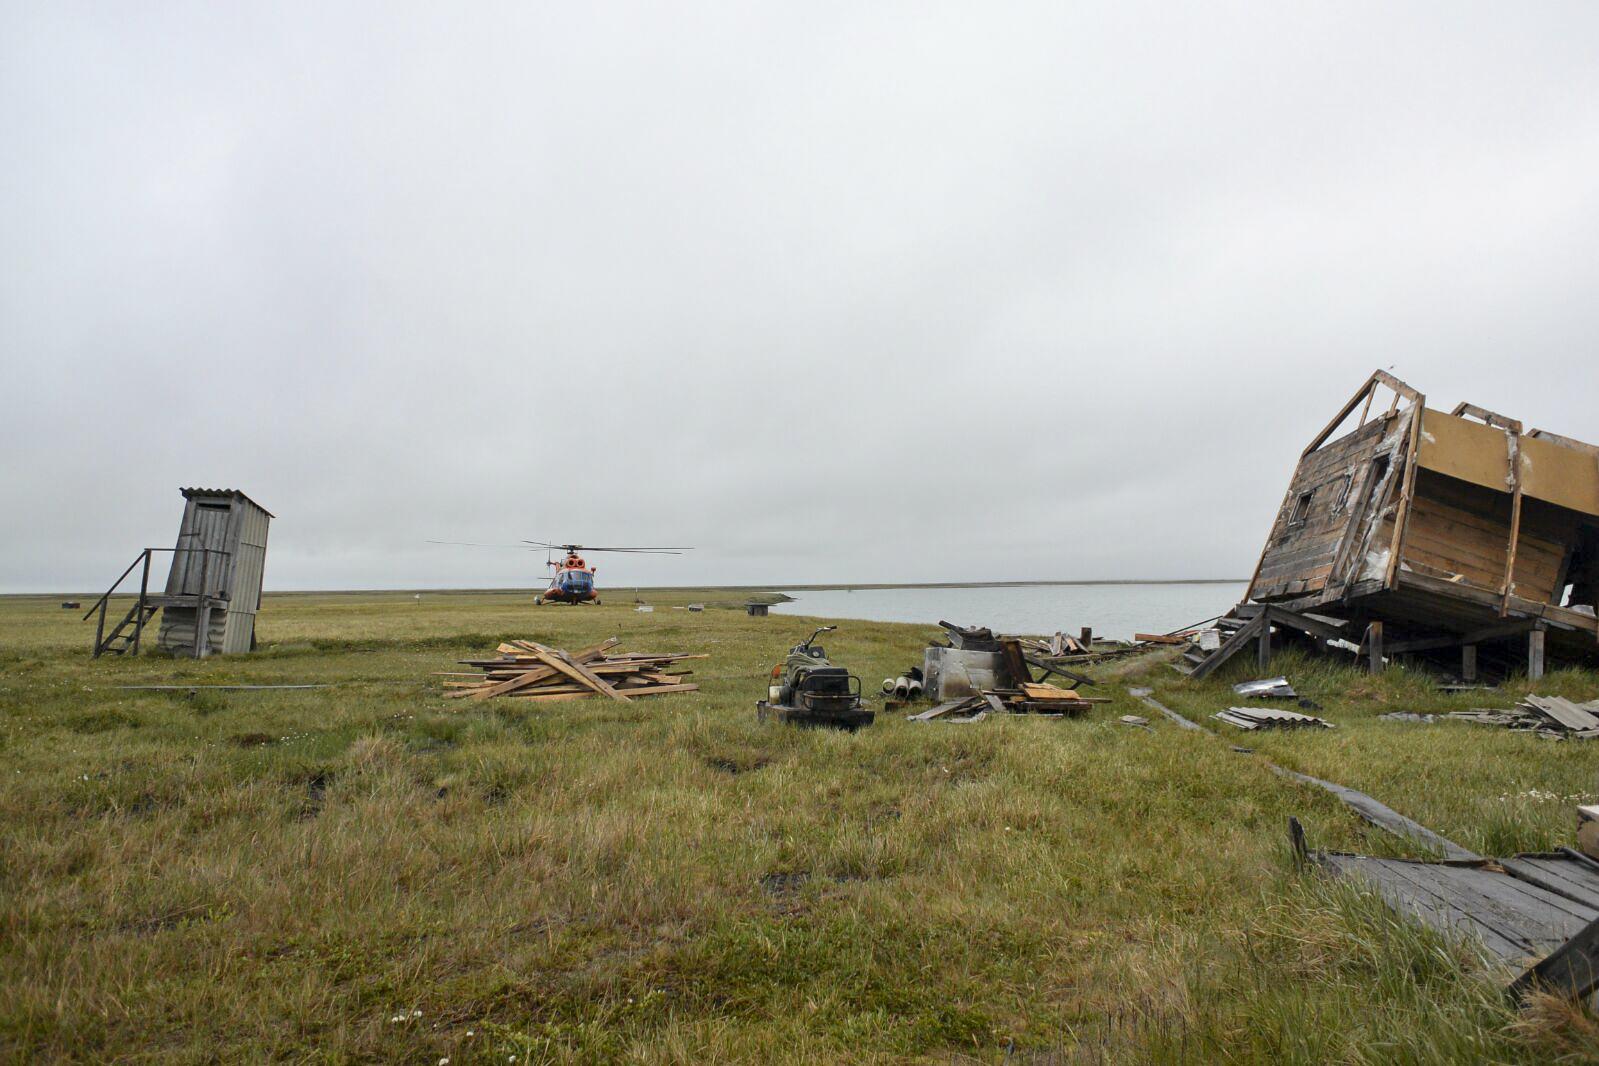 Helikopter på tundran